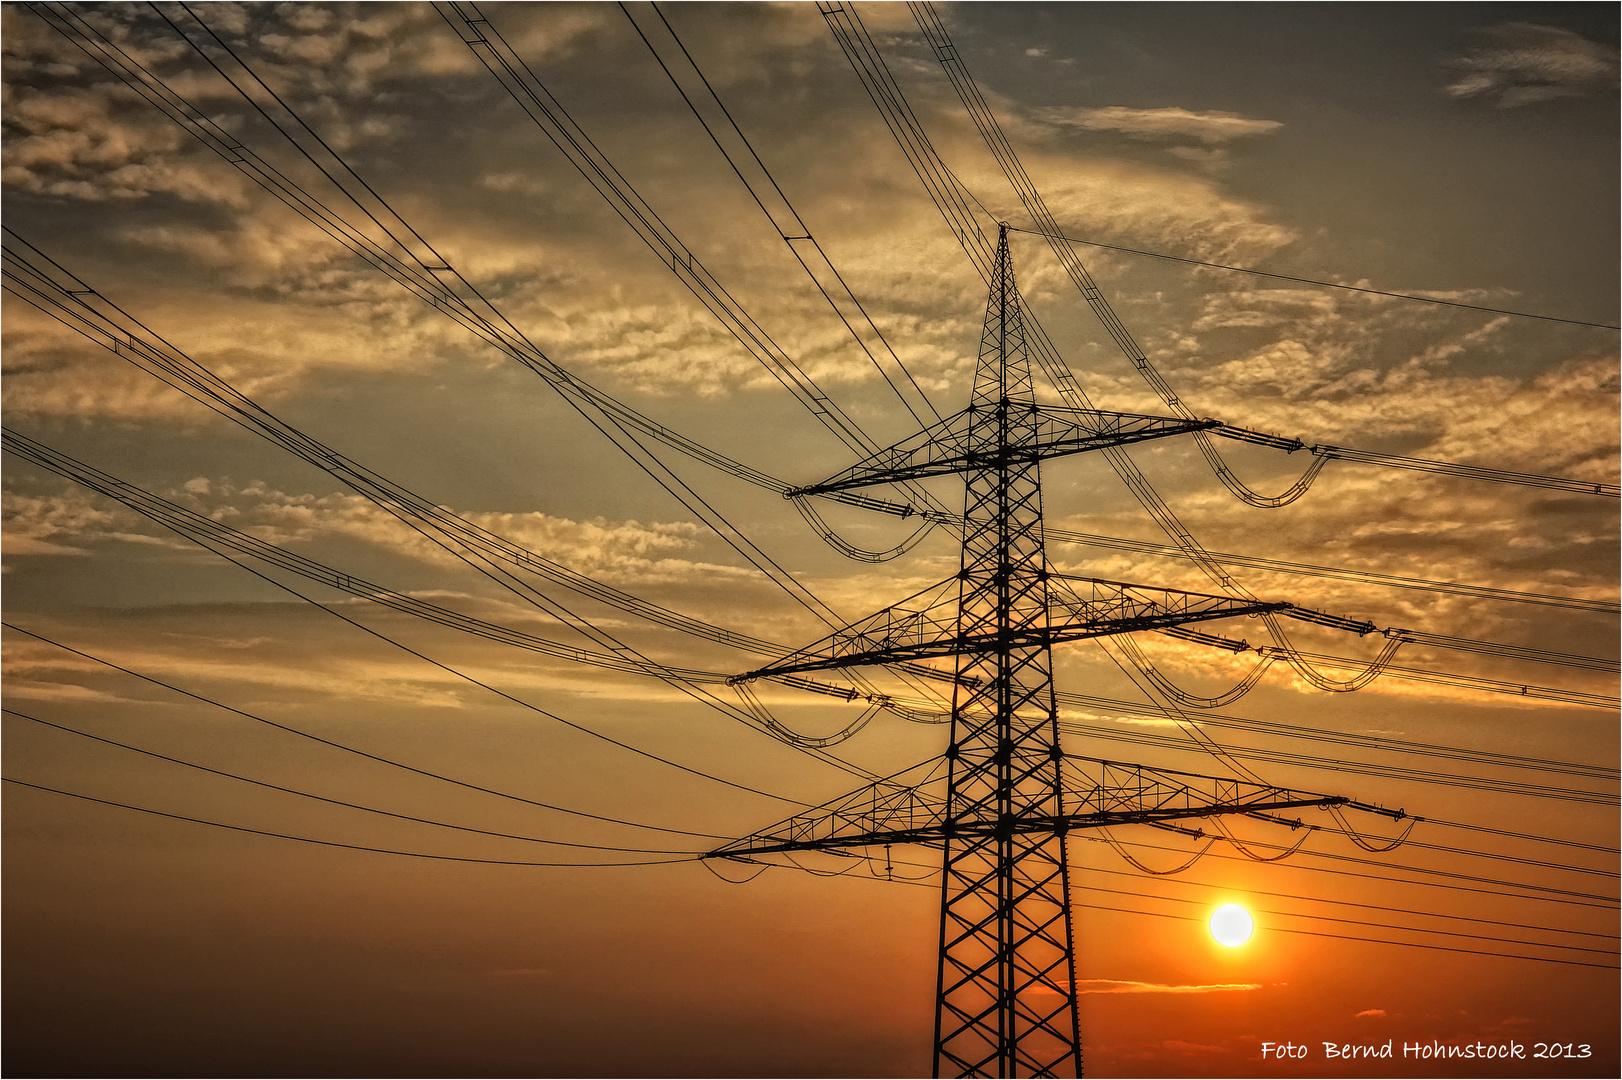 Sonnenenergie .....